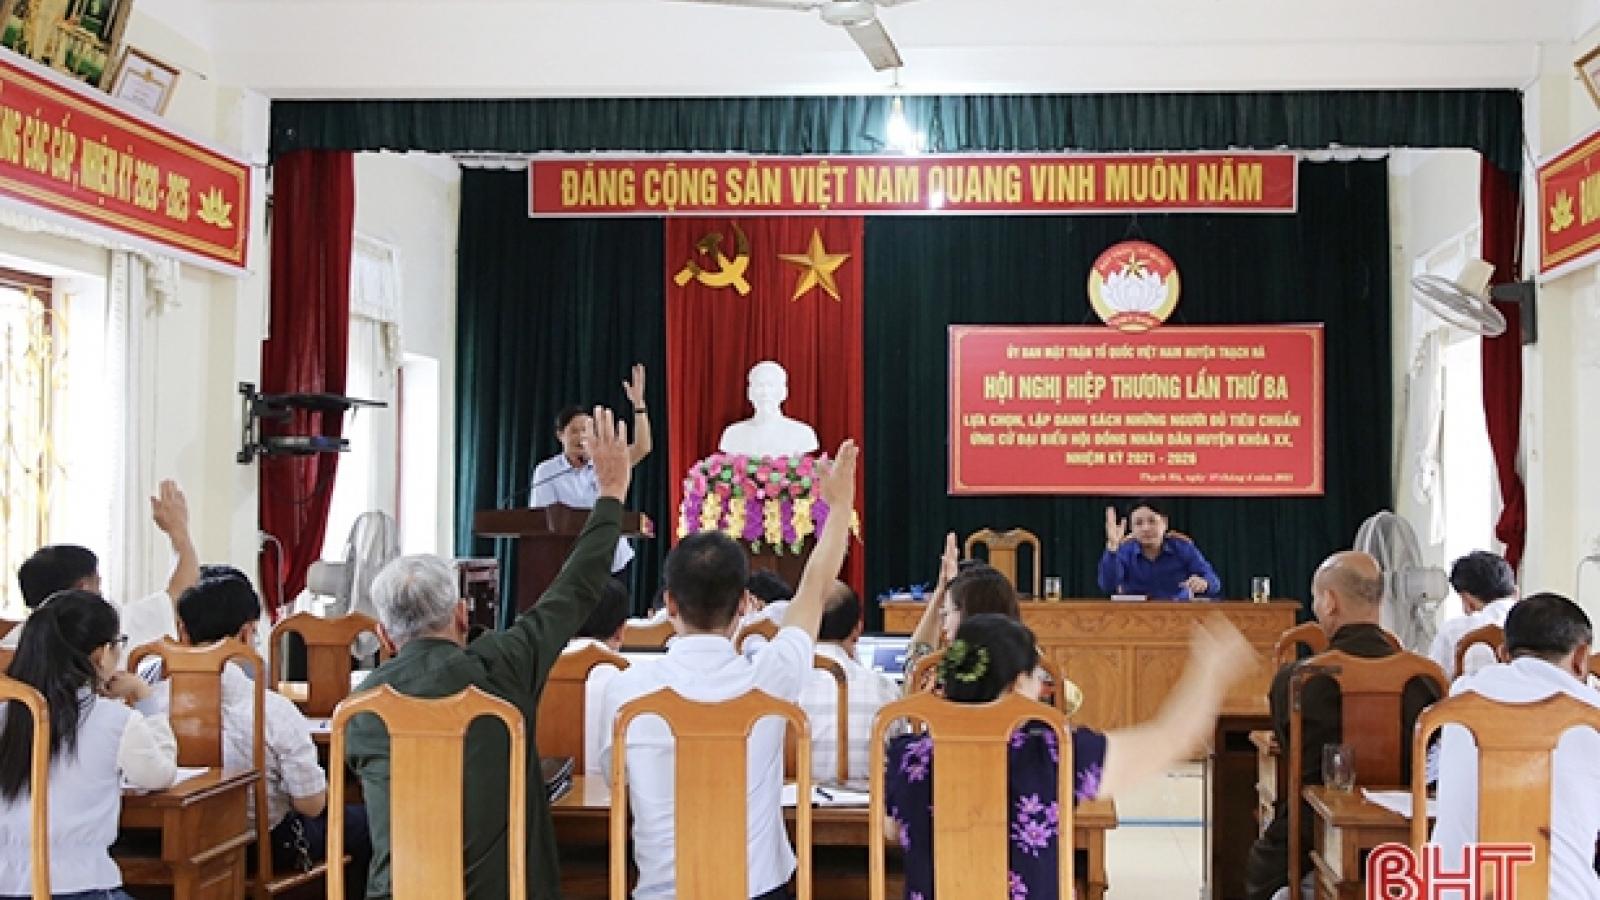 Đồng bào công giáo Hà Tĩnhhướng về ngày hộibầu cử